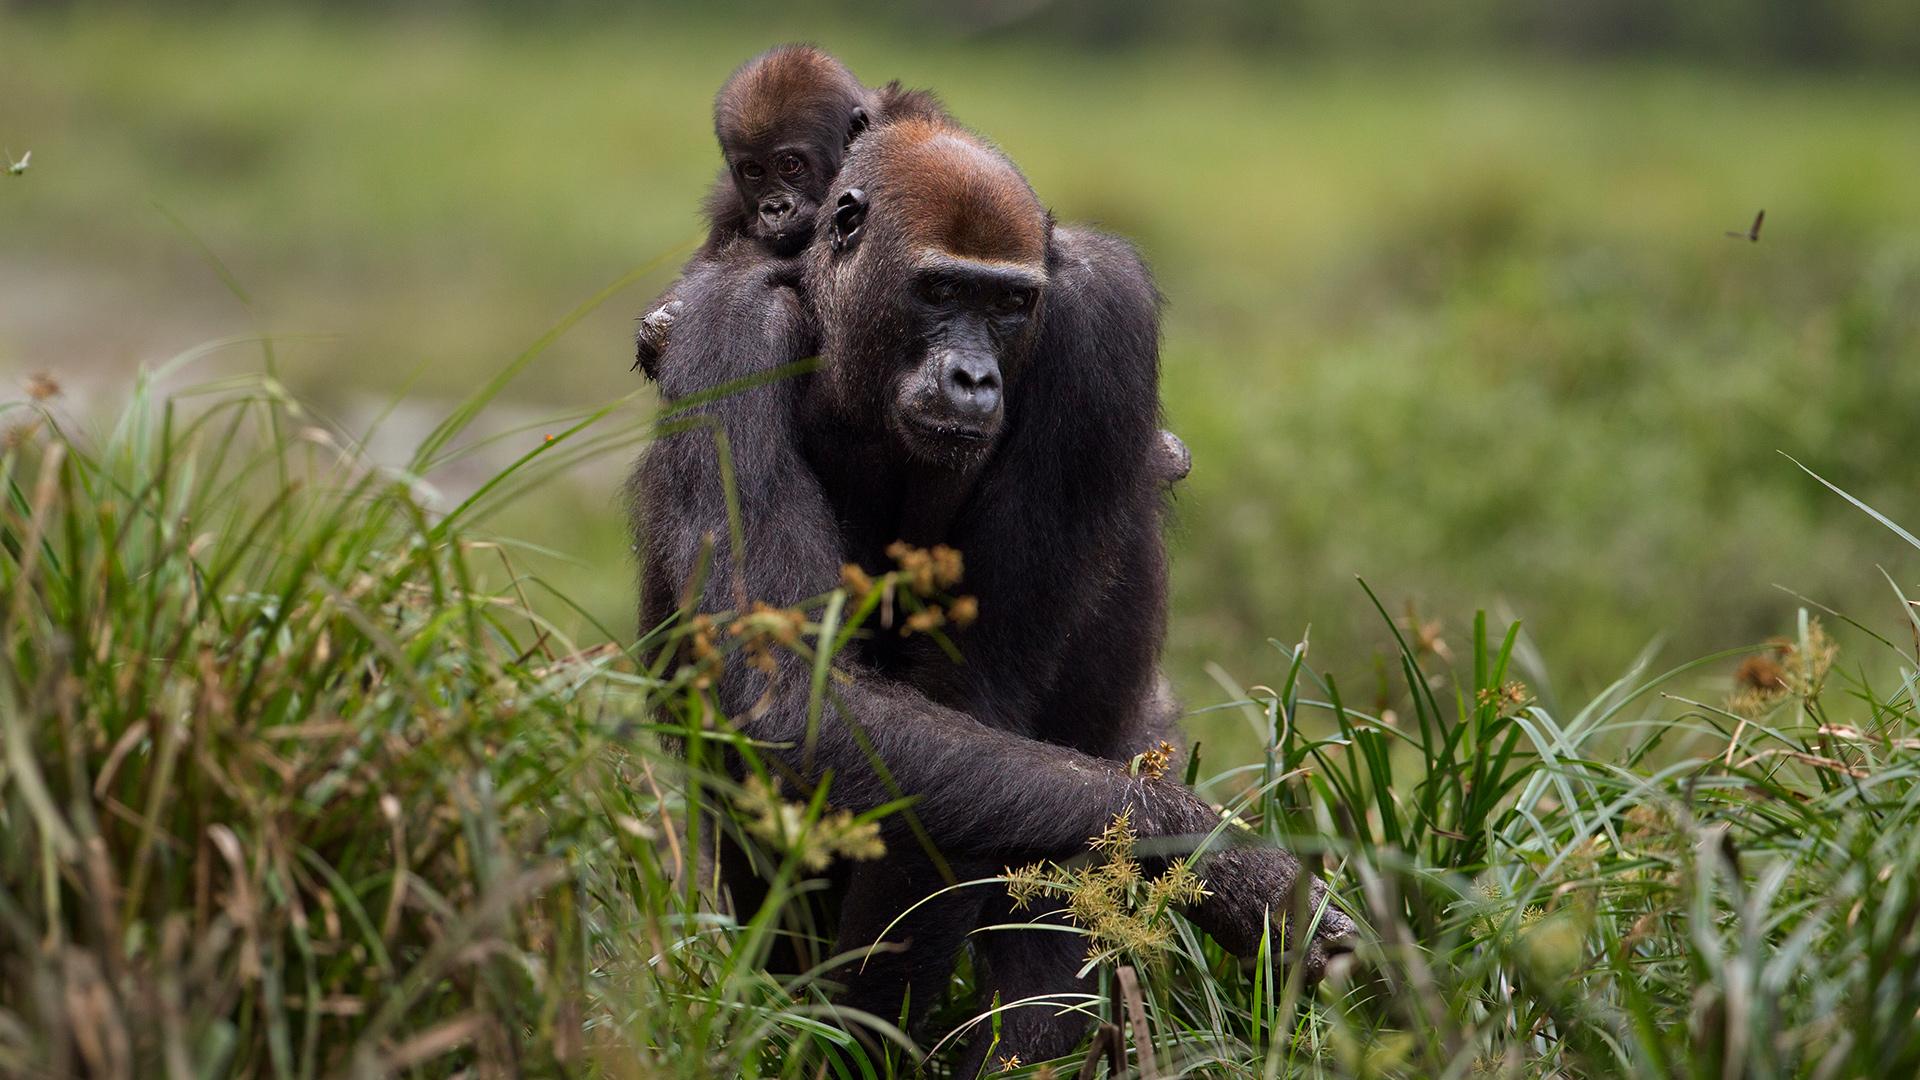 Derzeit ist noch nicht klar, ob sich Menschenaffen auch mit dem Coronavirus infizieren können. © Fiona Rogers Naturepl / WWF